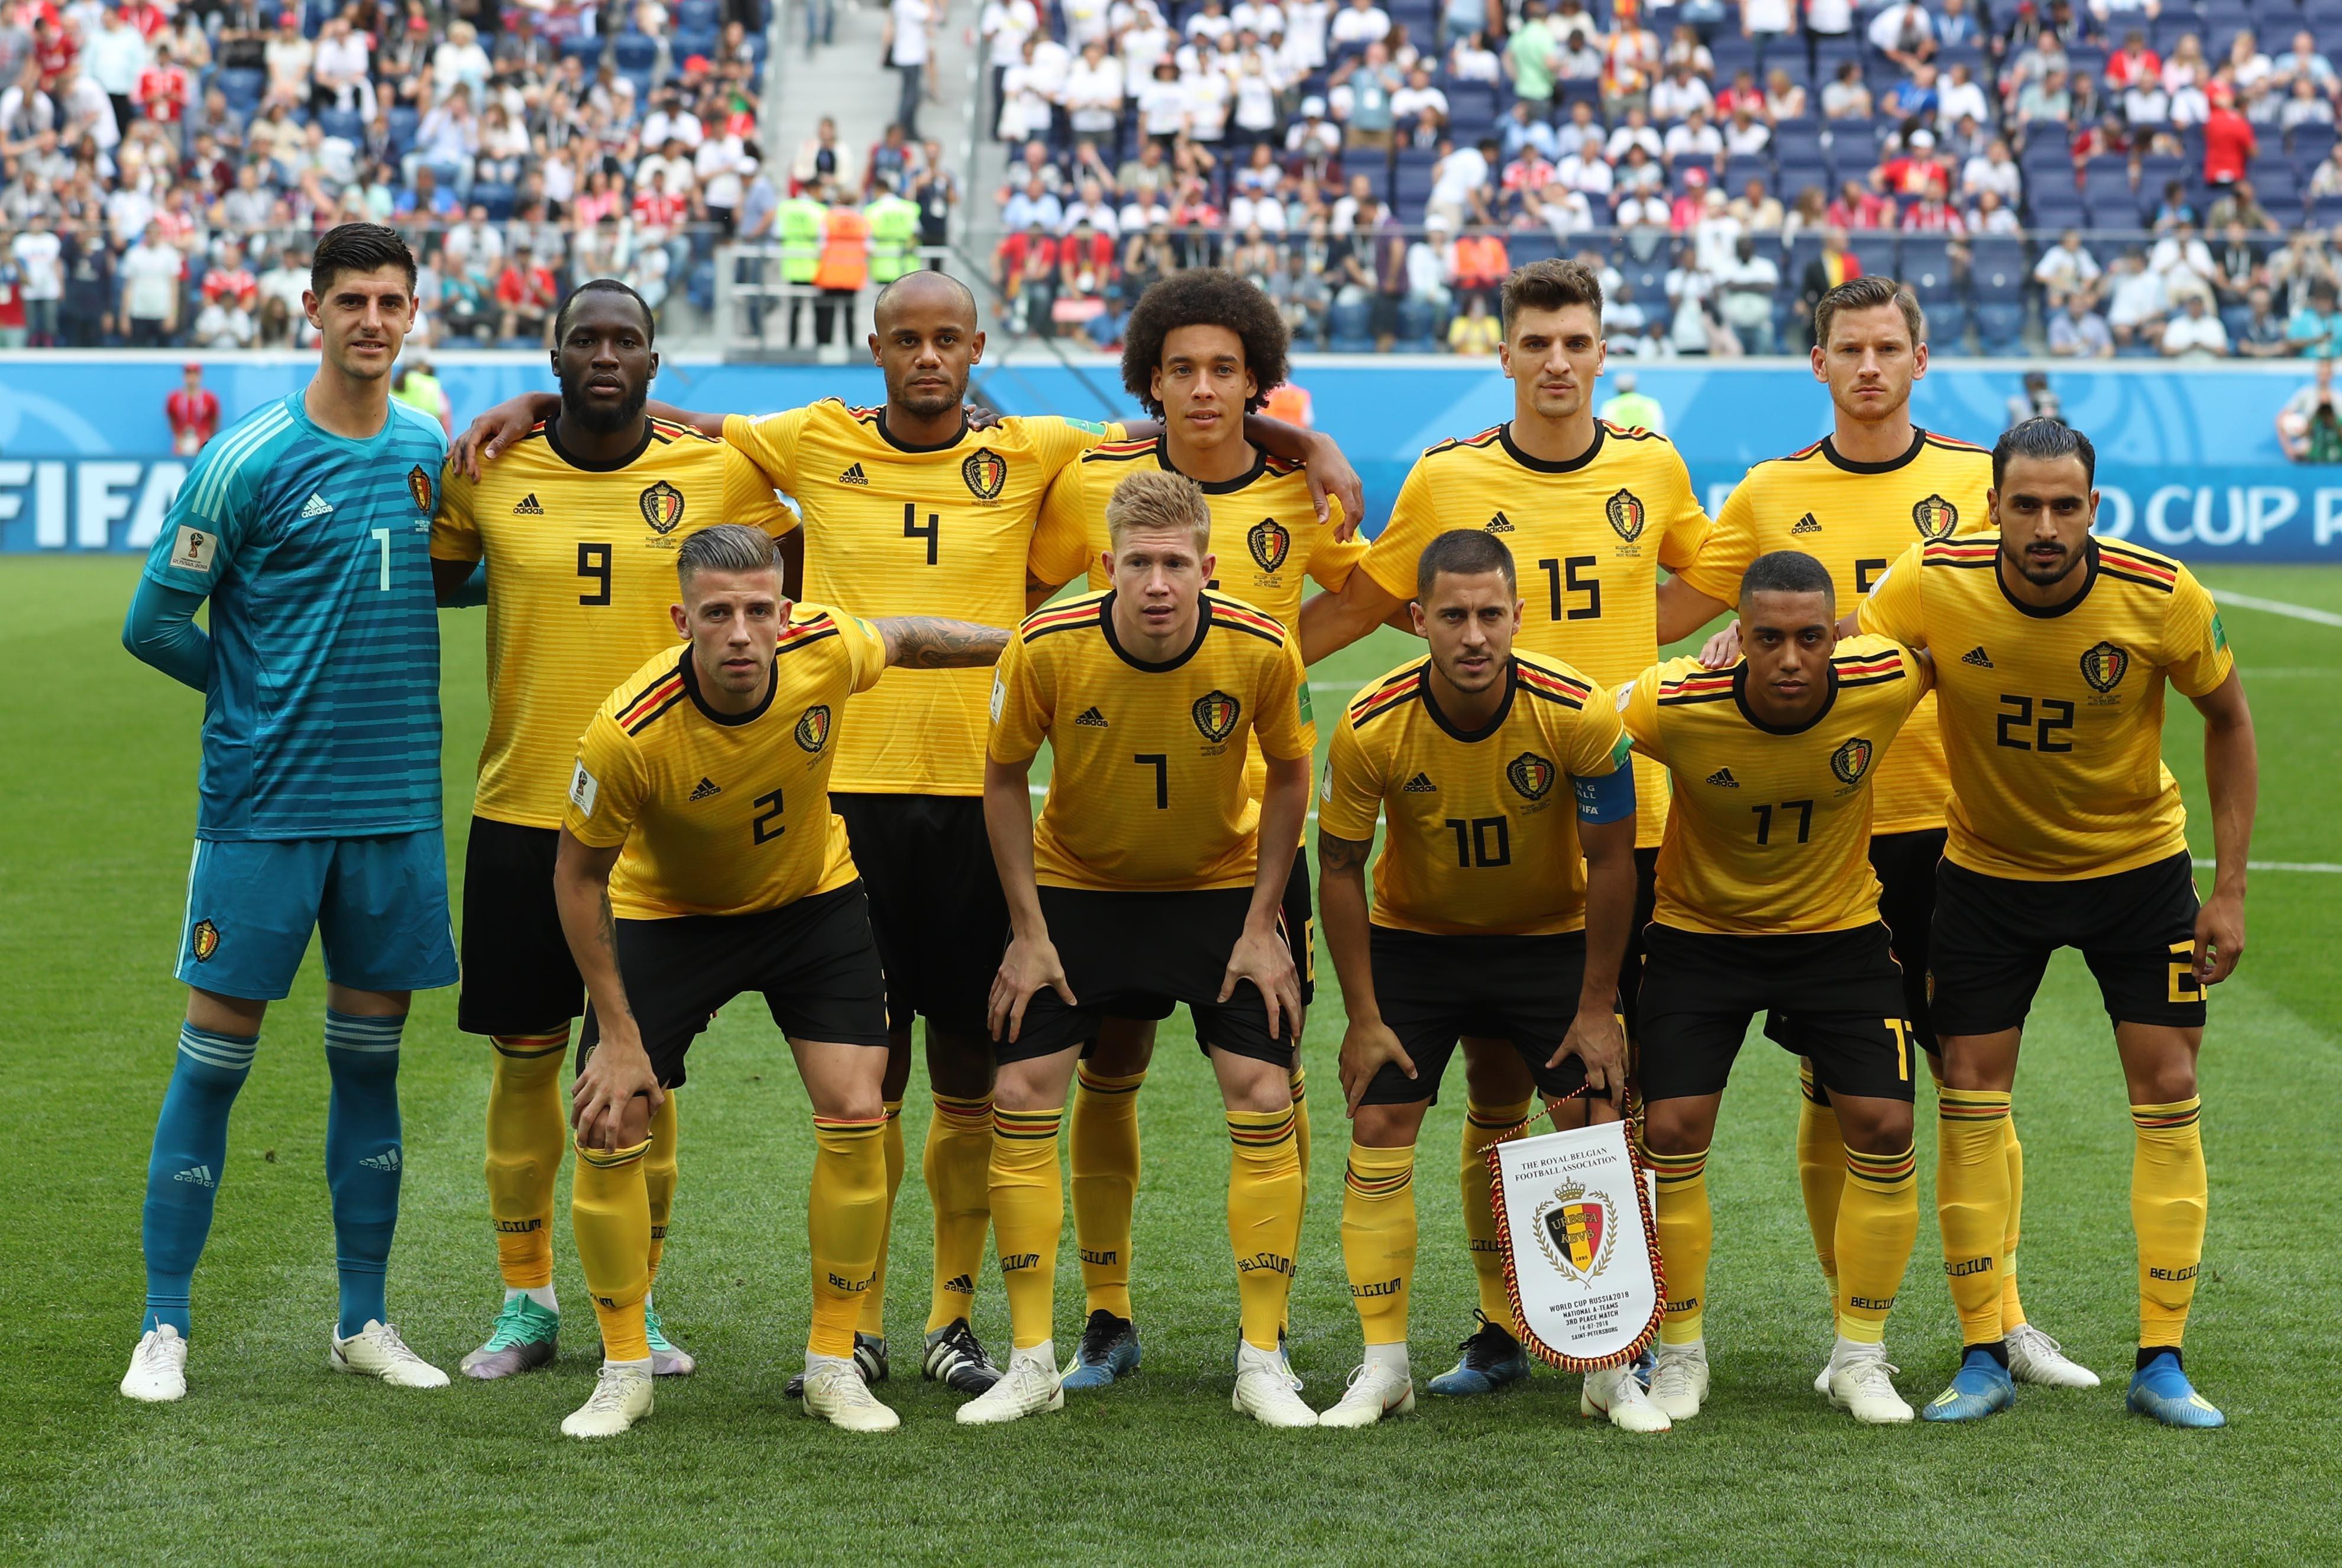 比利时欧洲杯国家队名单 比利时欧洲杯国家队有哪些人